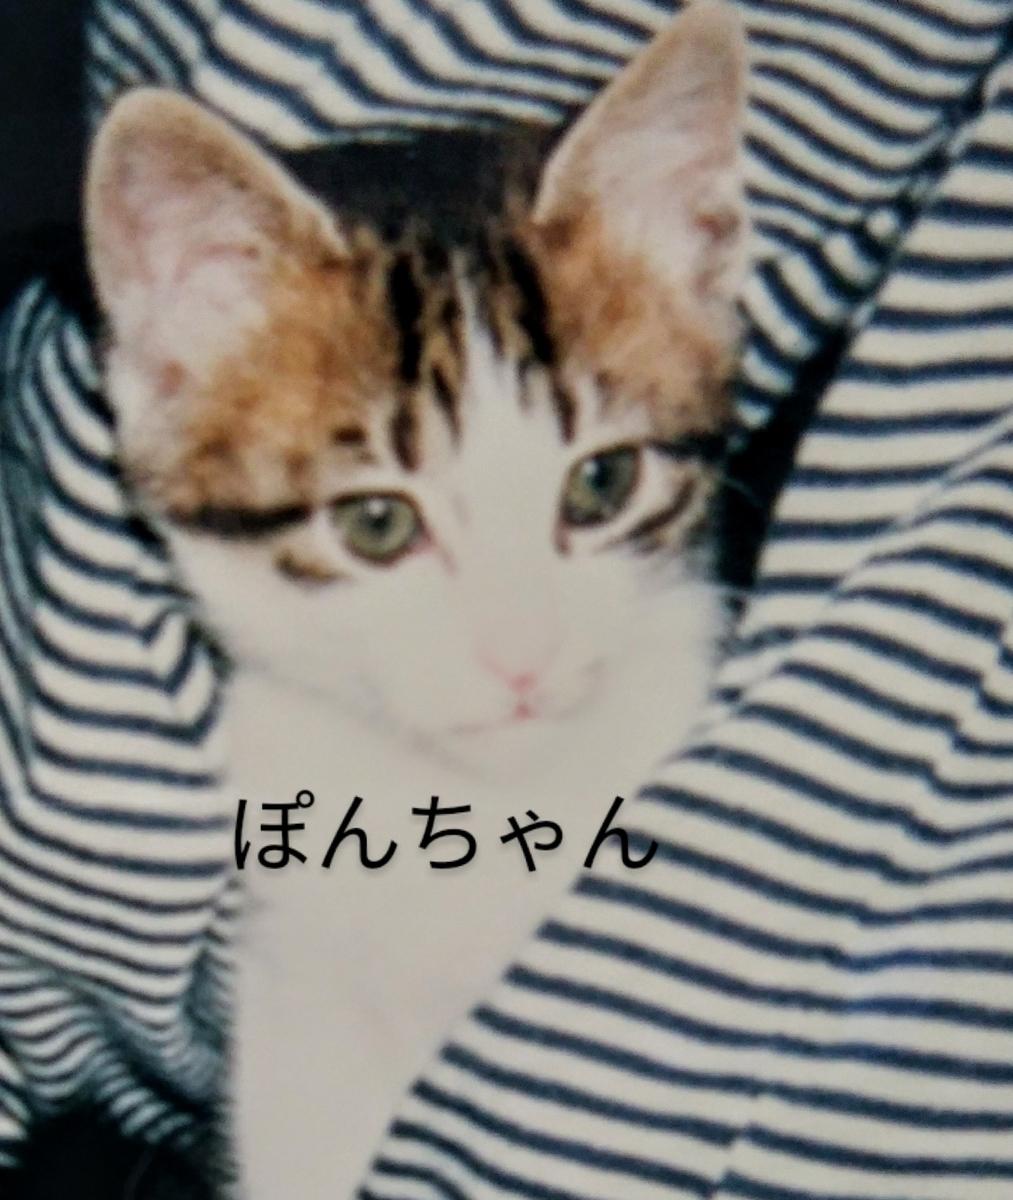 f:id:maricats:20200806130905j:plain